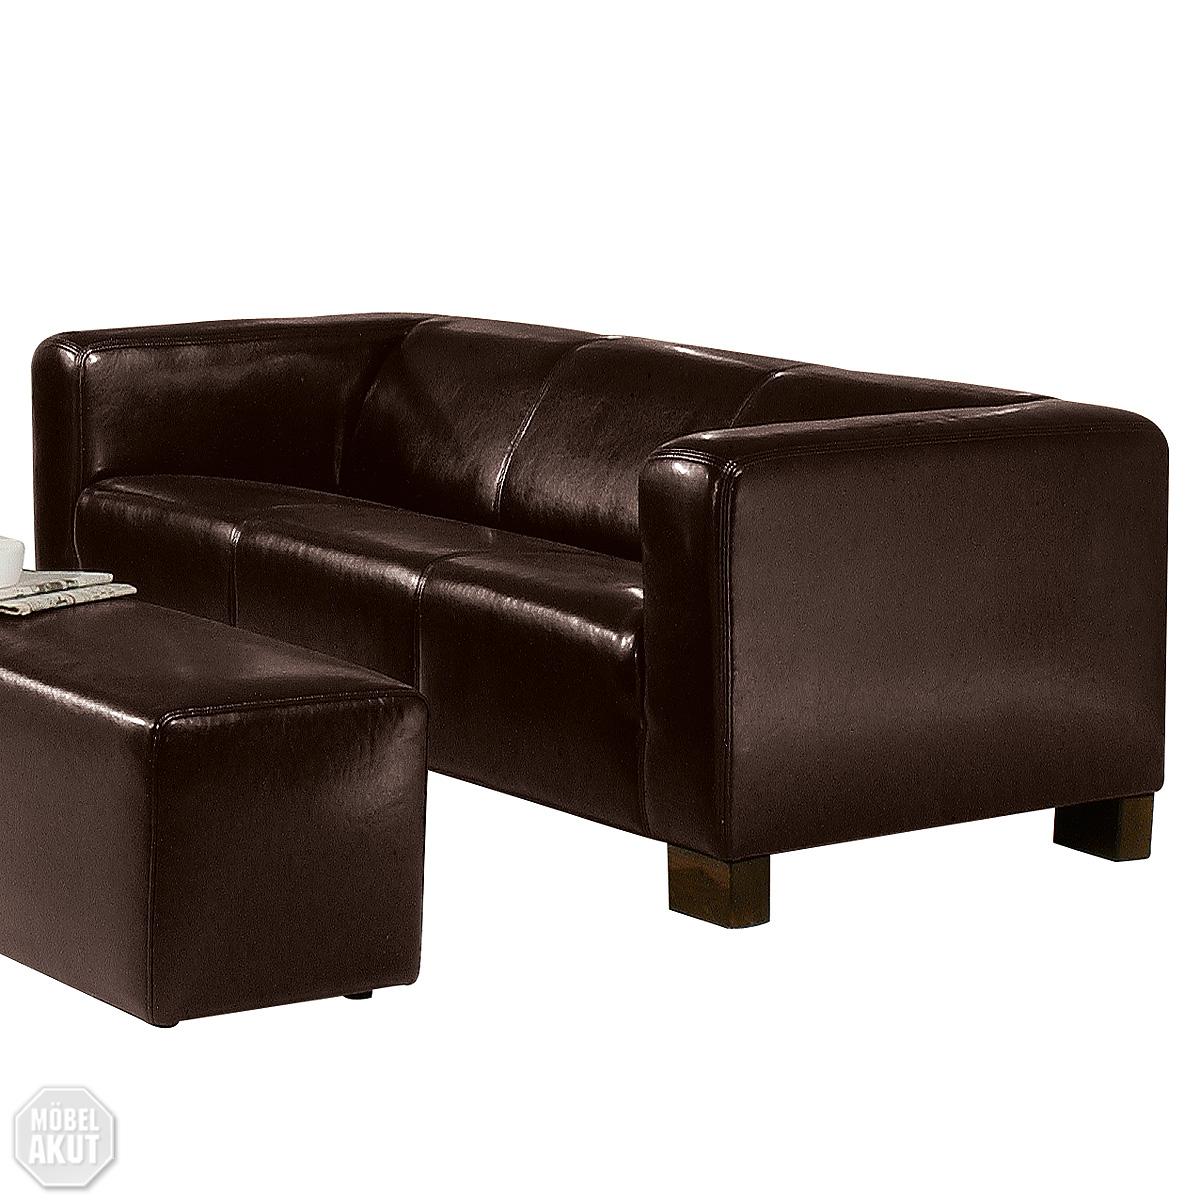 3er sofa vector leder farbe braun neu ovp ebay. Black Bedroom Furniture Sets. Home Design Ideas